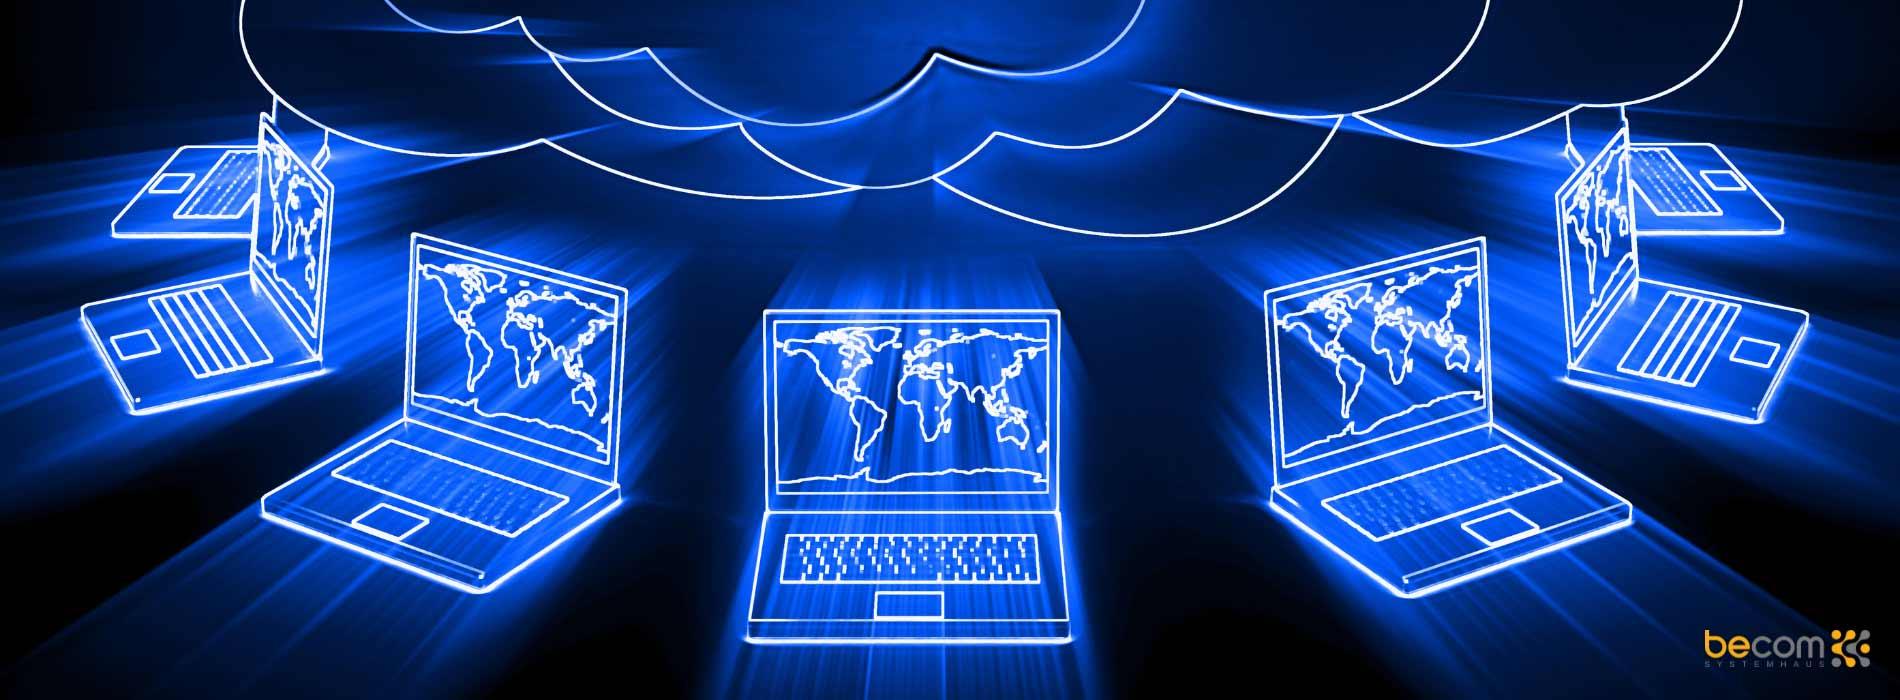 You are currently viewing Internetausfall: Wenn plötzlich nichts mehr geht! Auswirkungen und wie sich Unternehmen schützen können